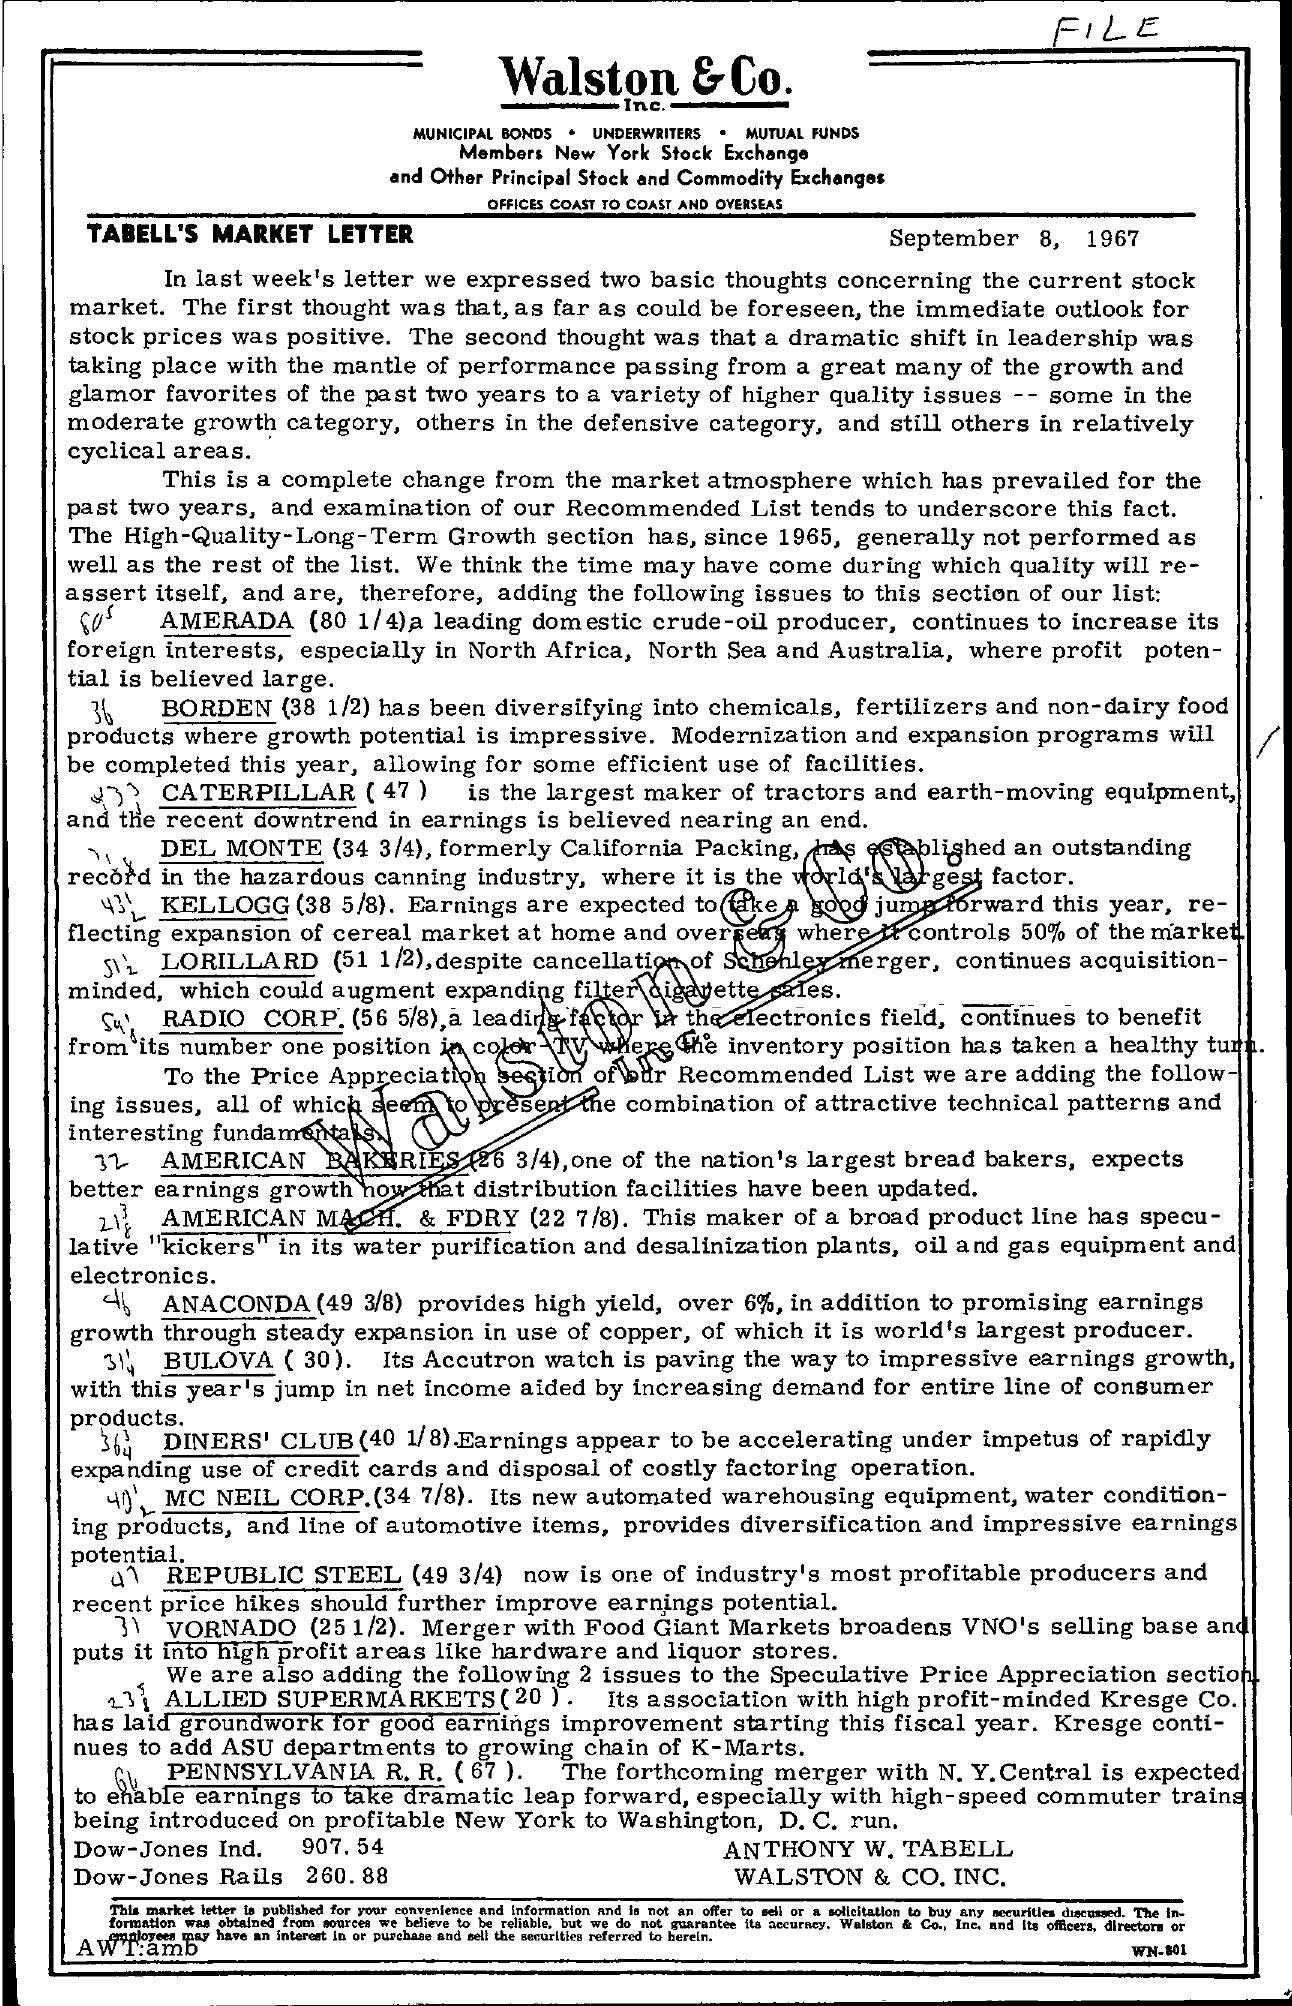 Tabell's Market Letter - September 08, 1967